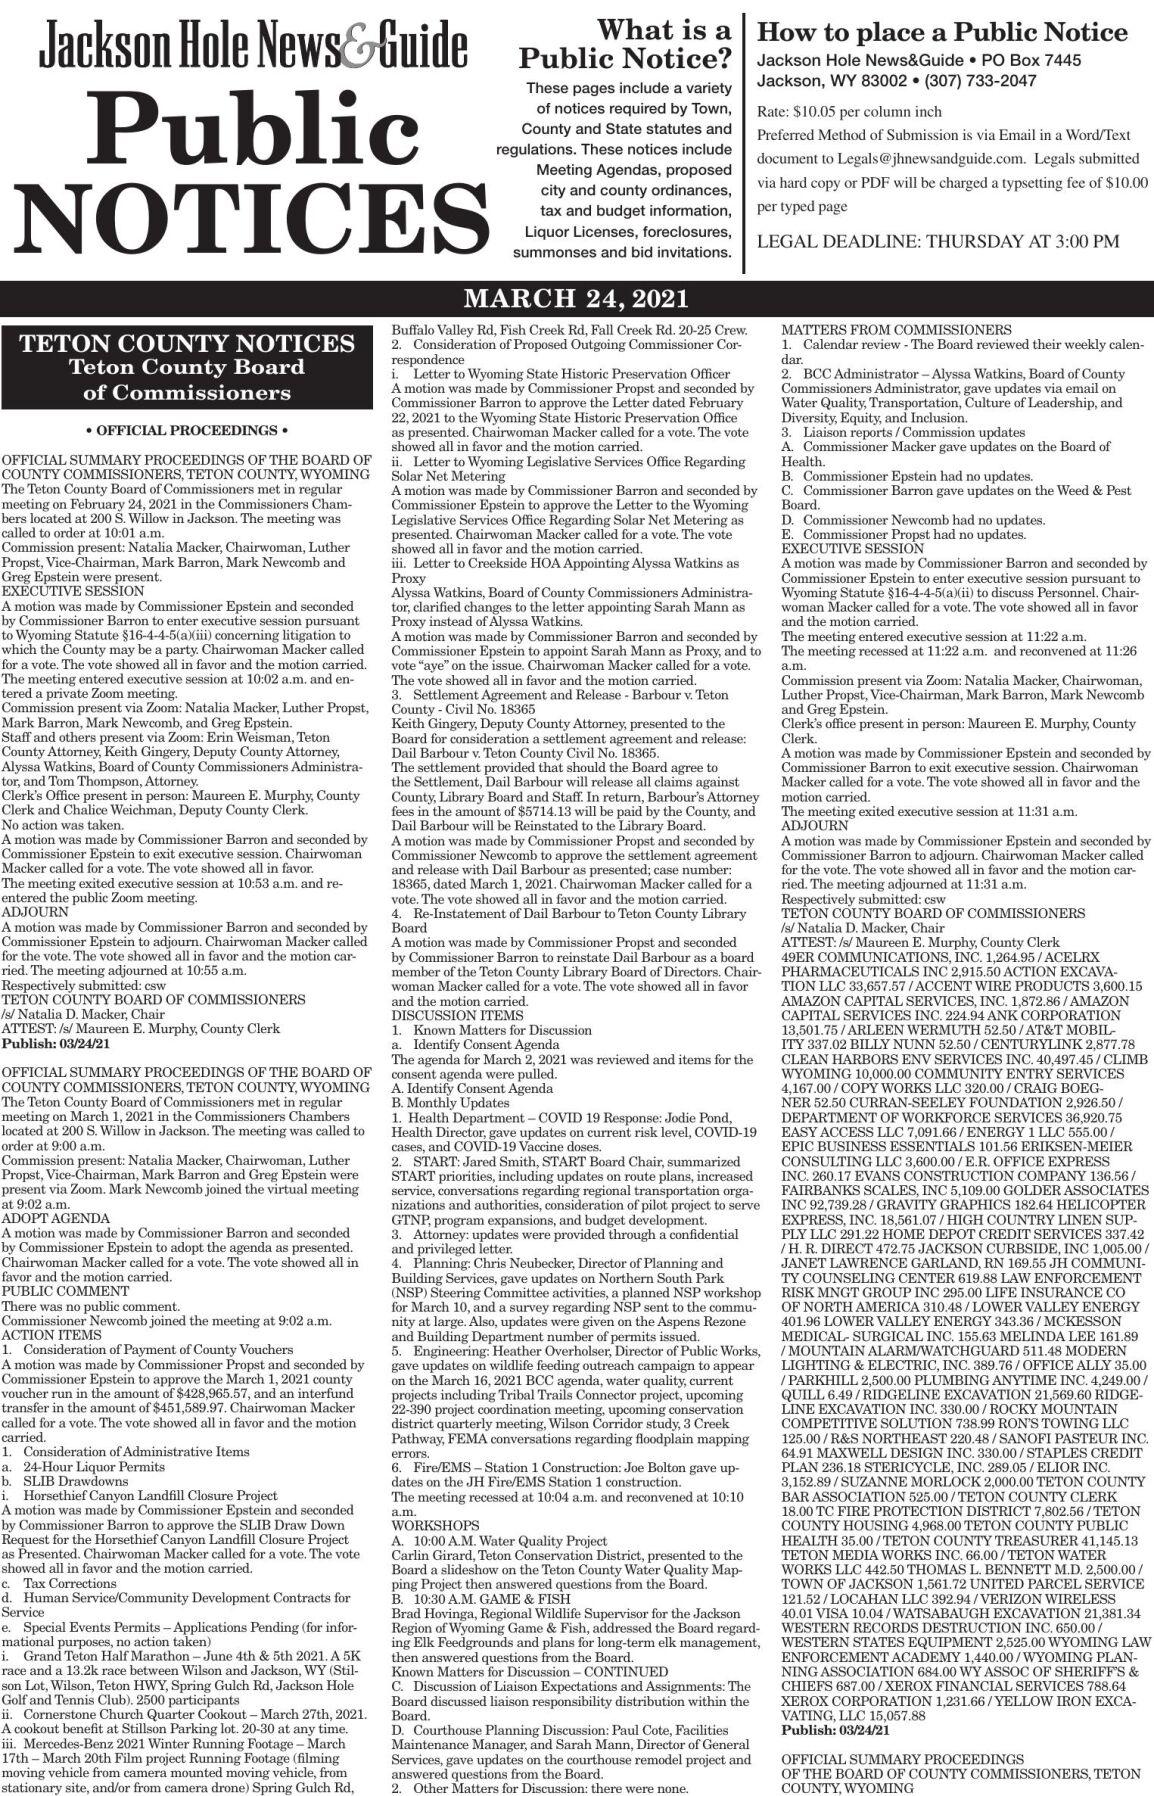 Public Notices, March 24, 2021